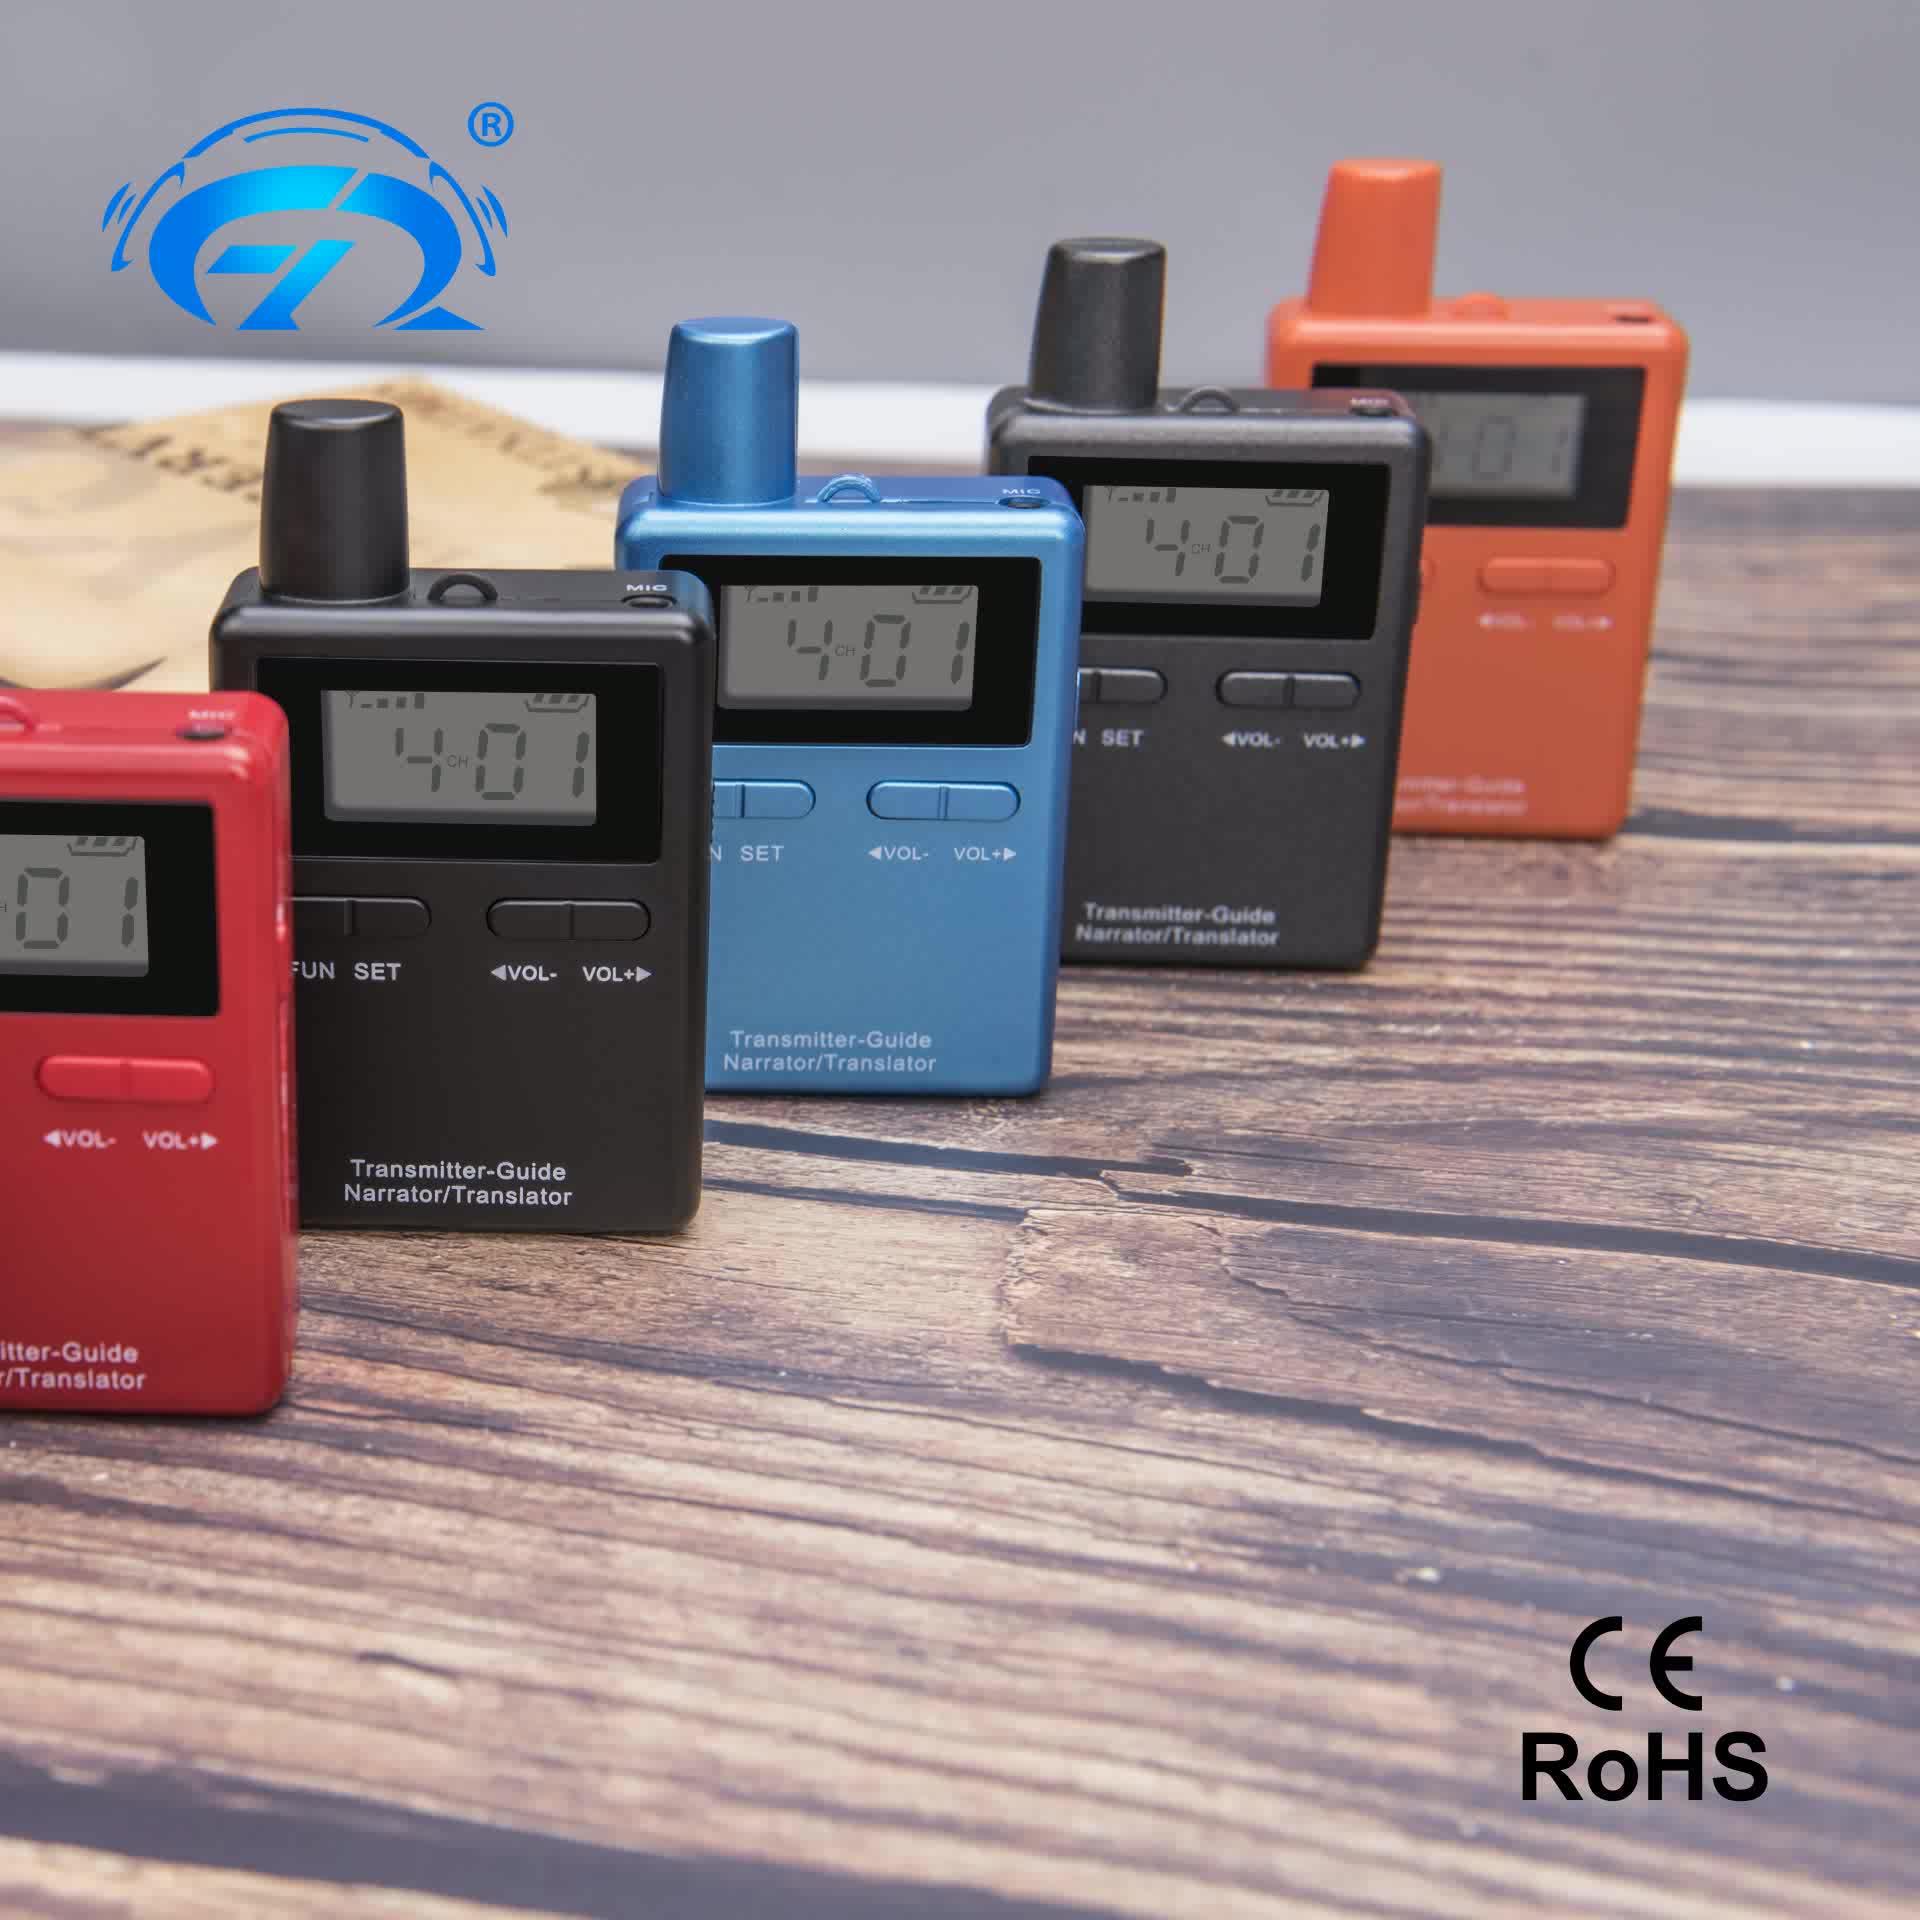 Premium Kwaliteit Vertaling Apparatuur Audio Conferentie Systeem Voor Meertalige Vergadering